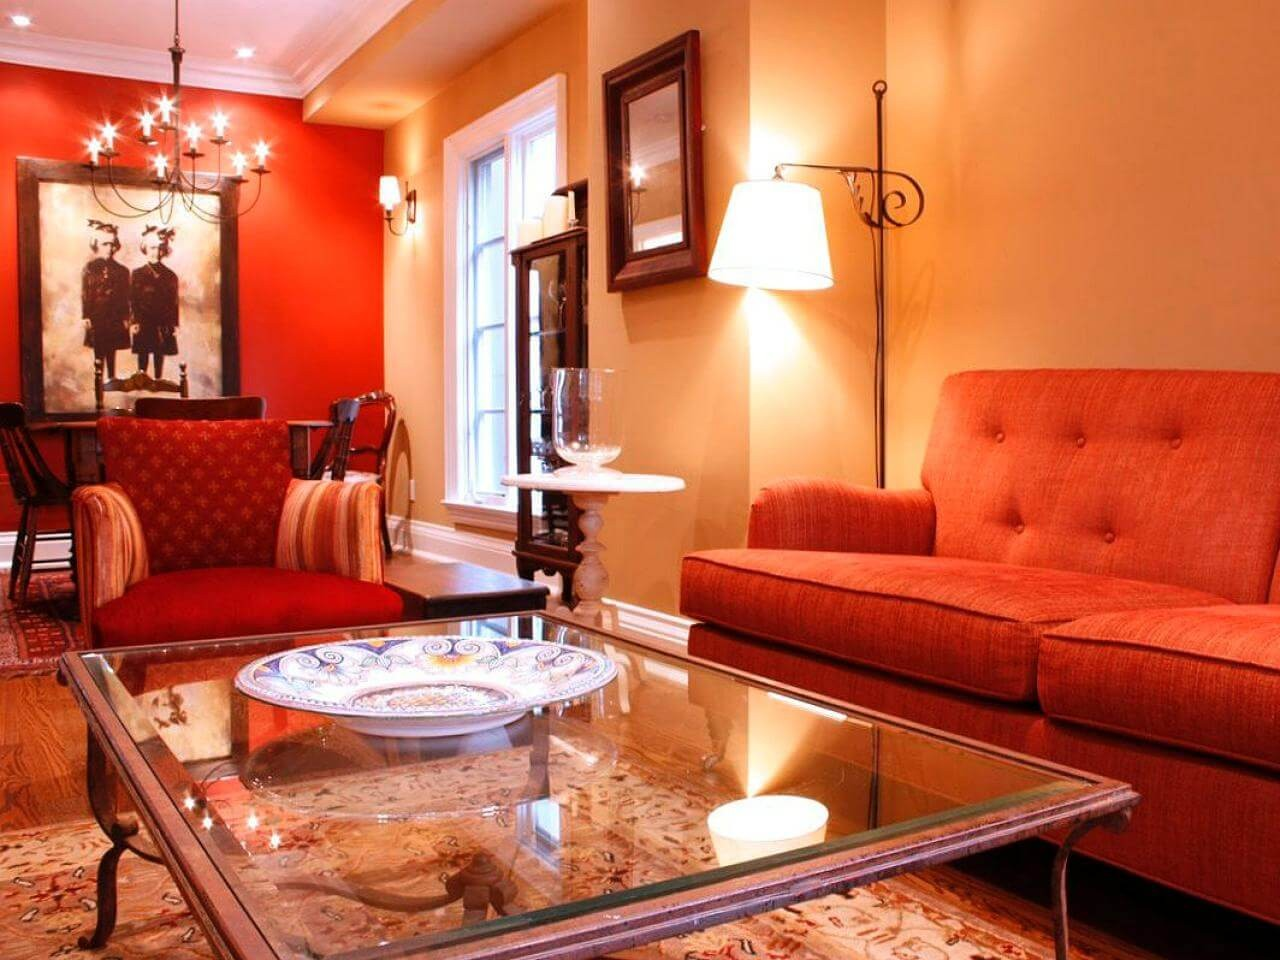 turuncu-renk-ev-dekorasyon